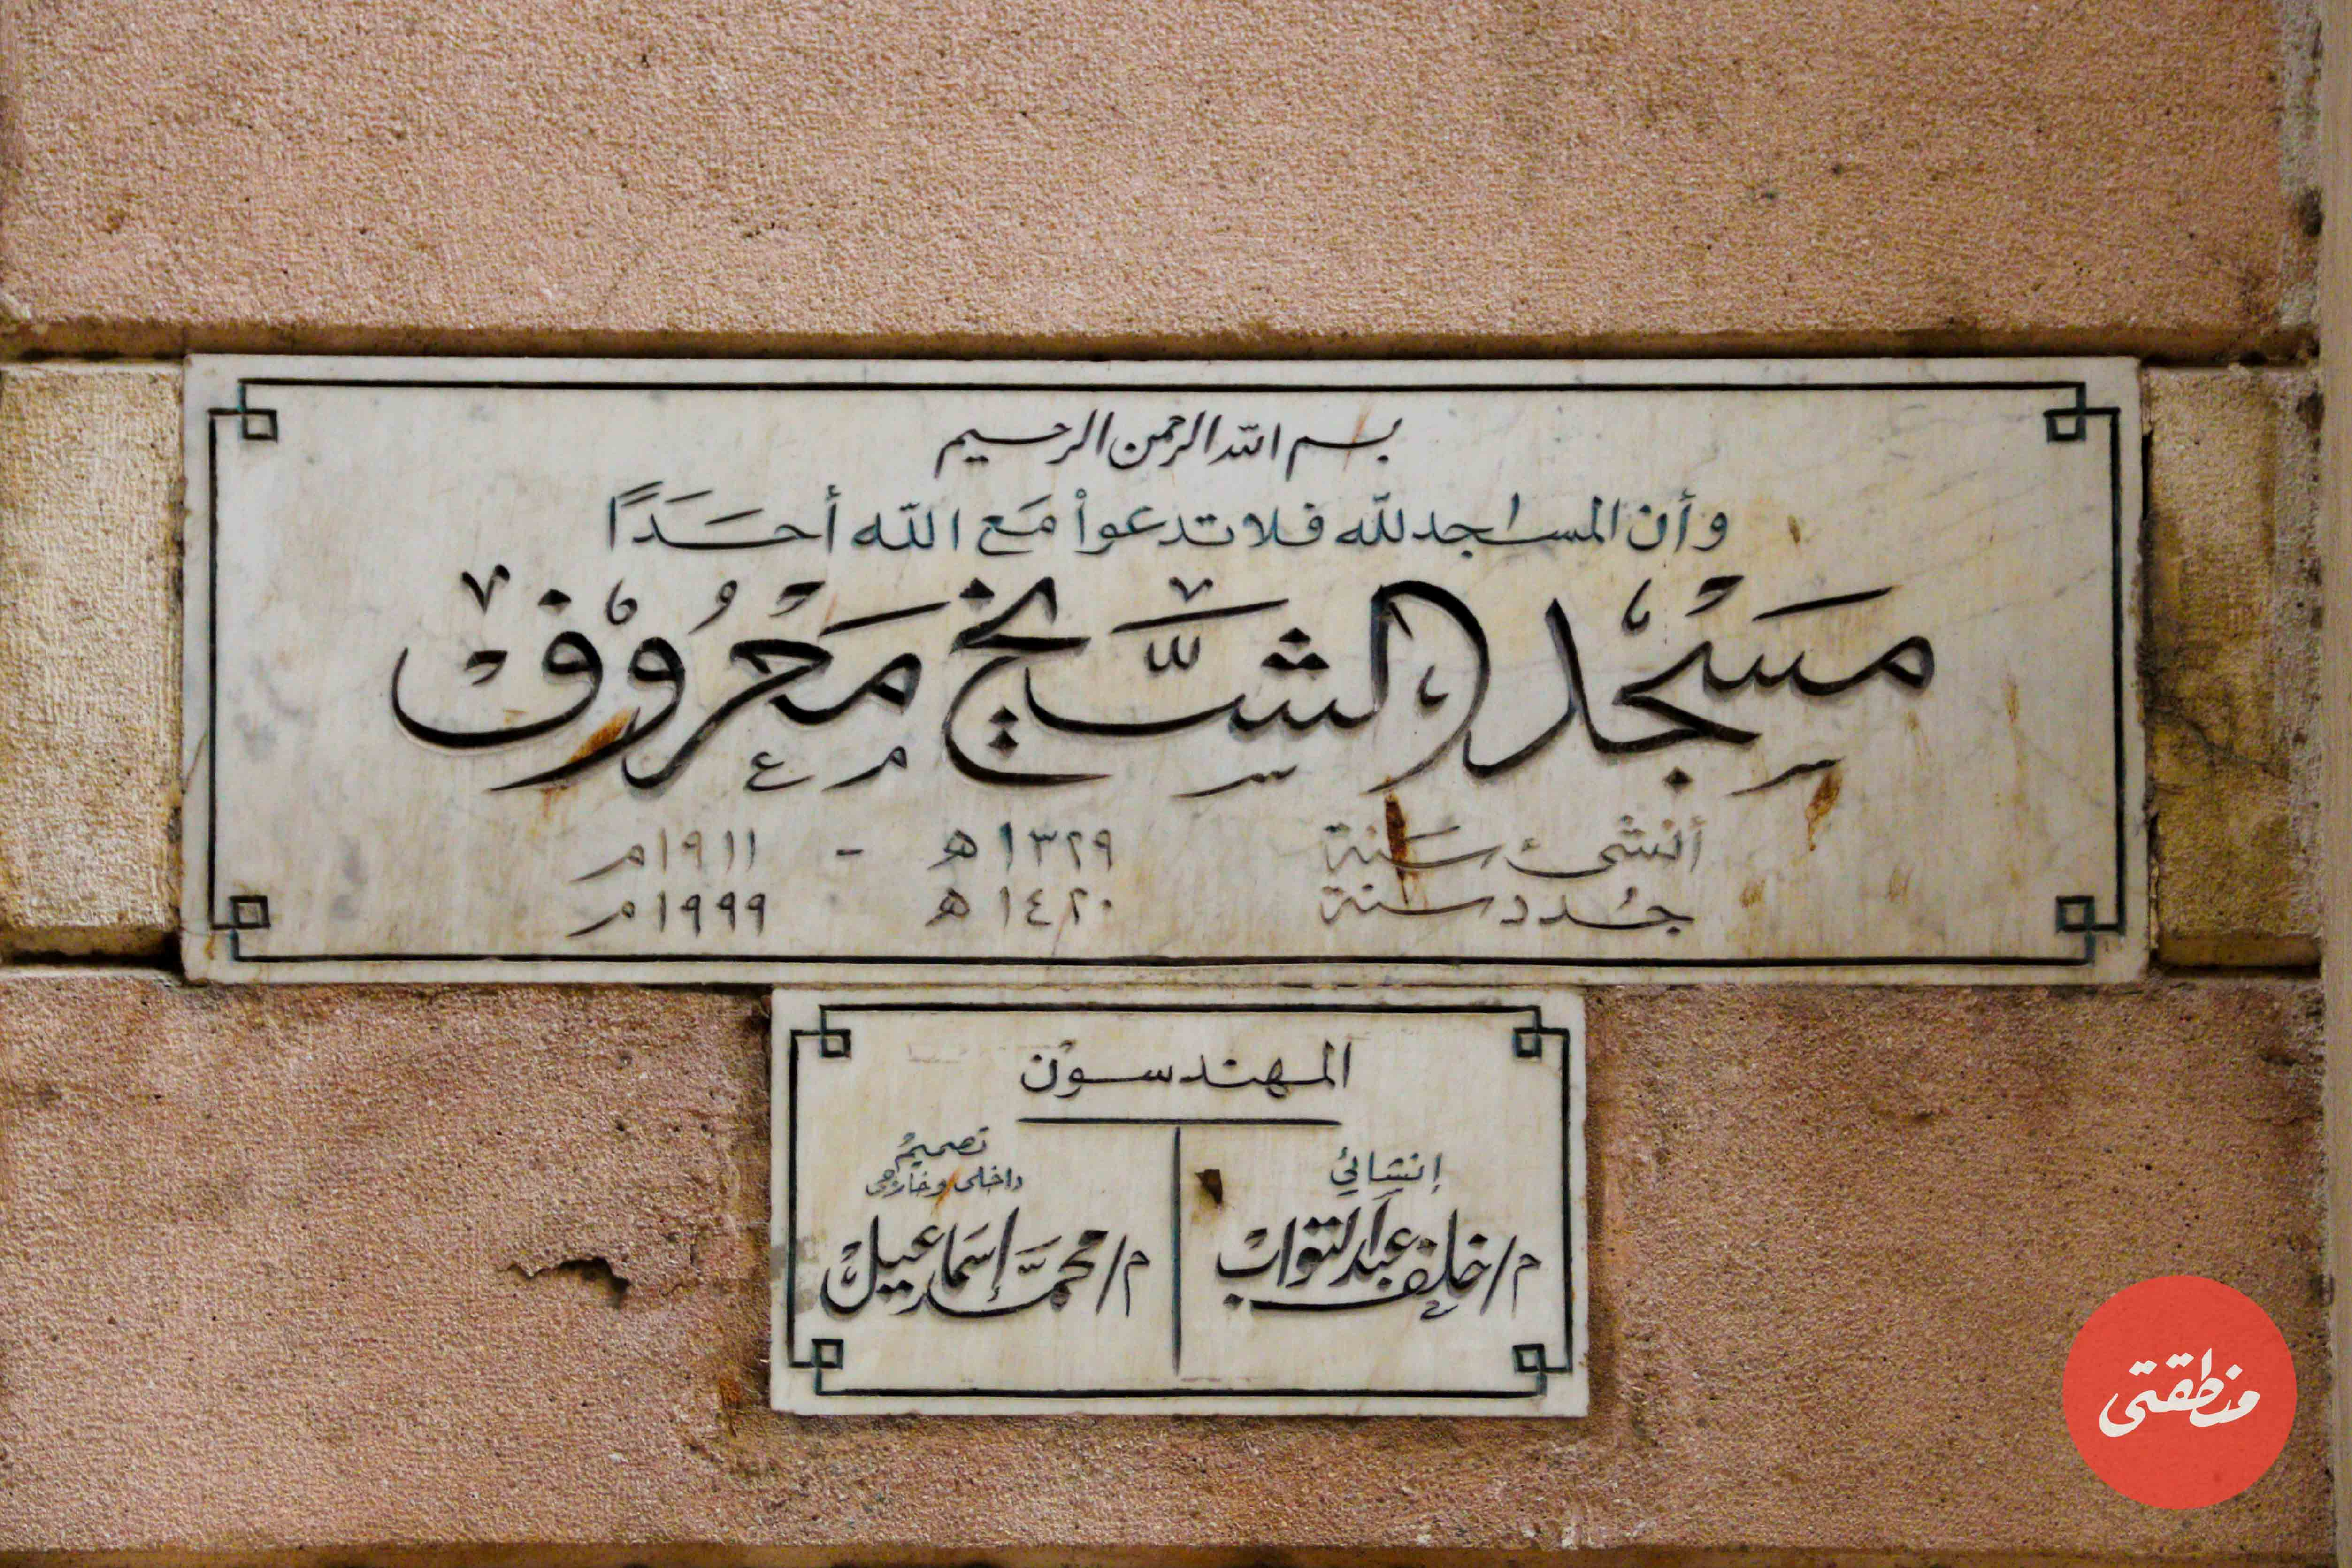 اللافتة توضح تاريخ إنشاء مسجد معروف وتاريخ تجديده - تصوير - صديق البخشونجي